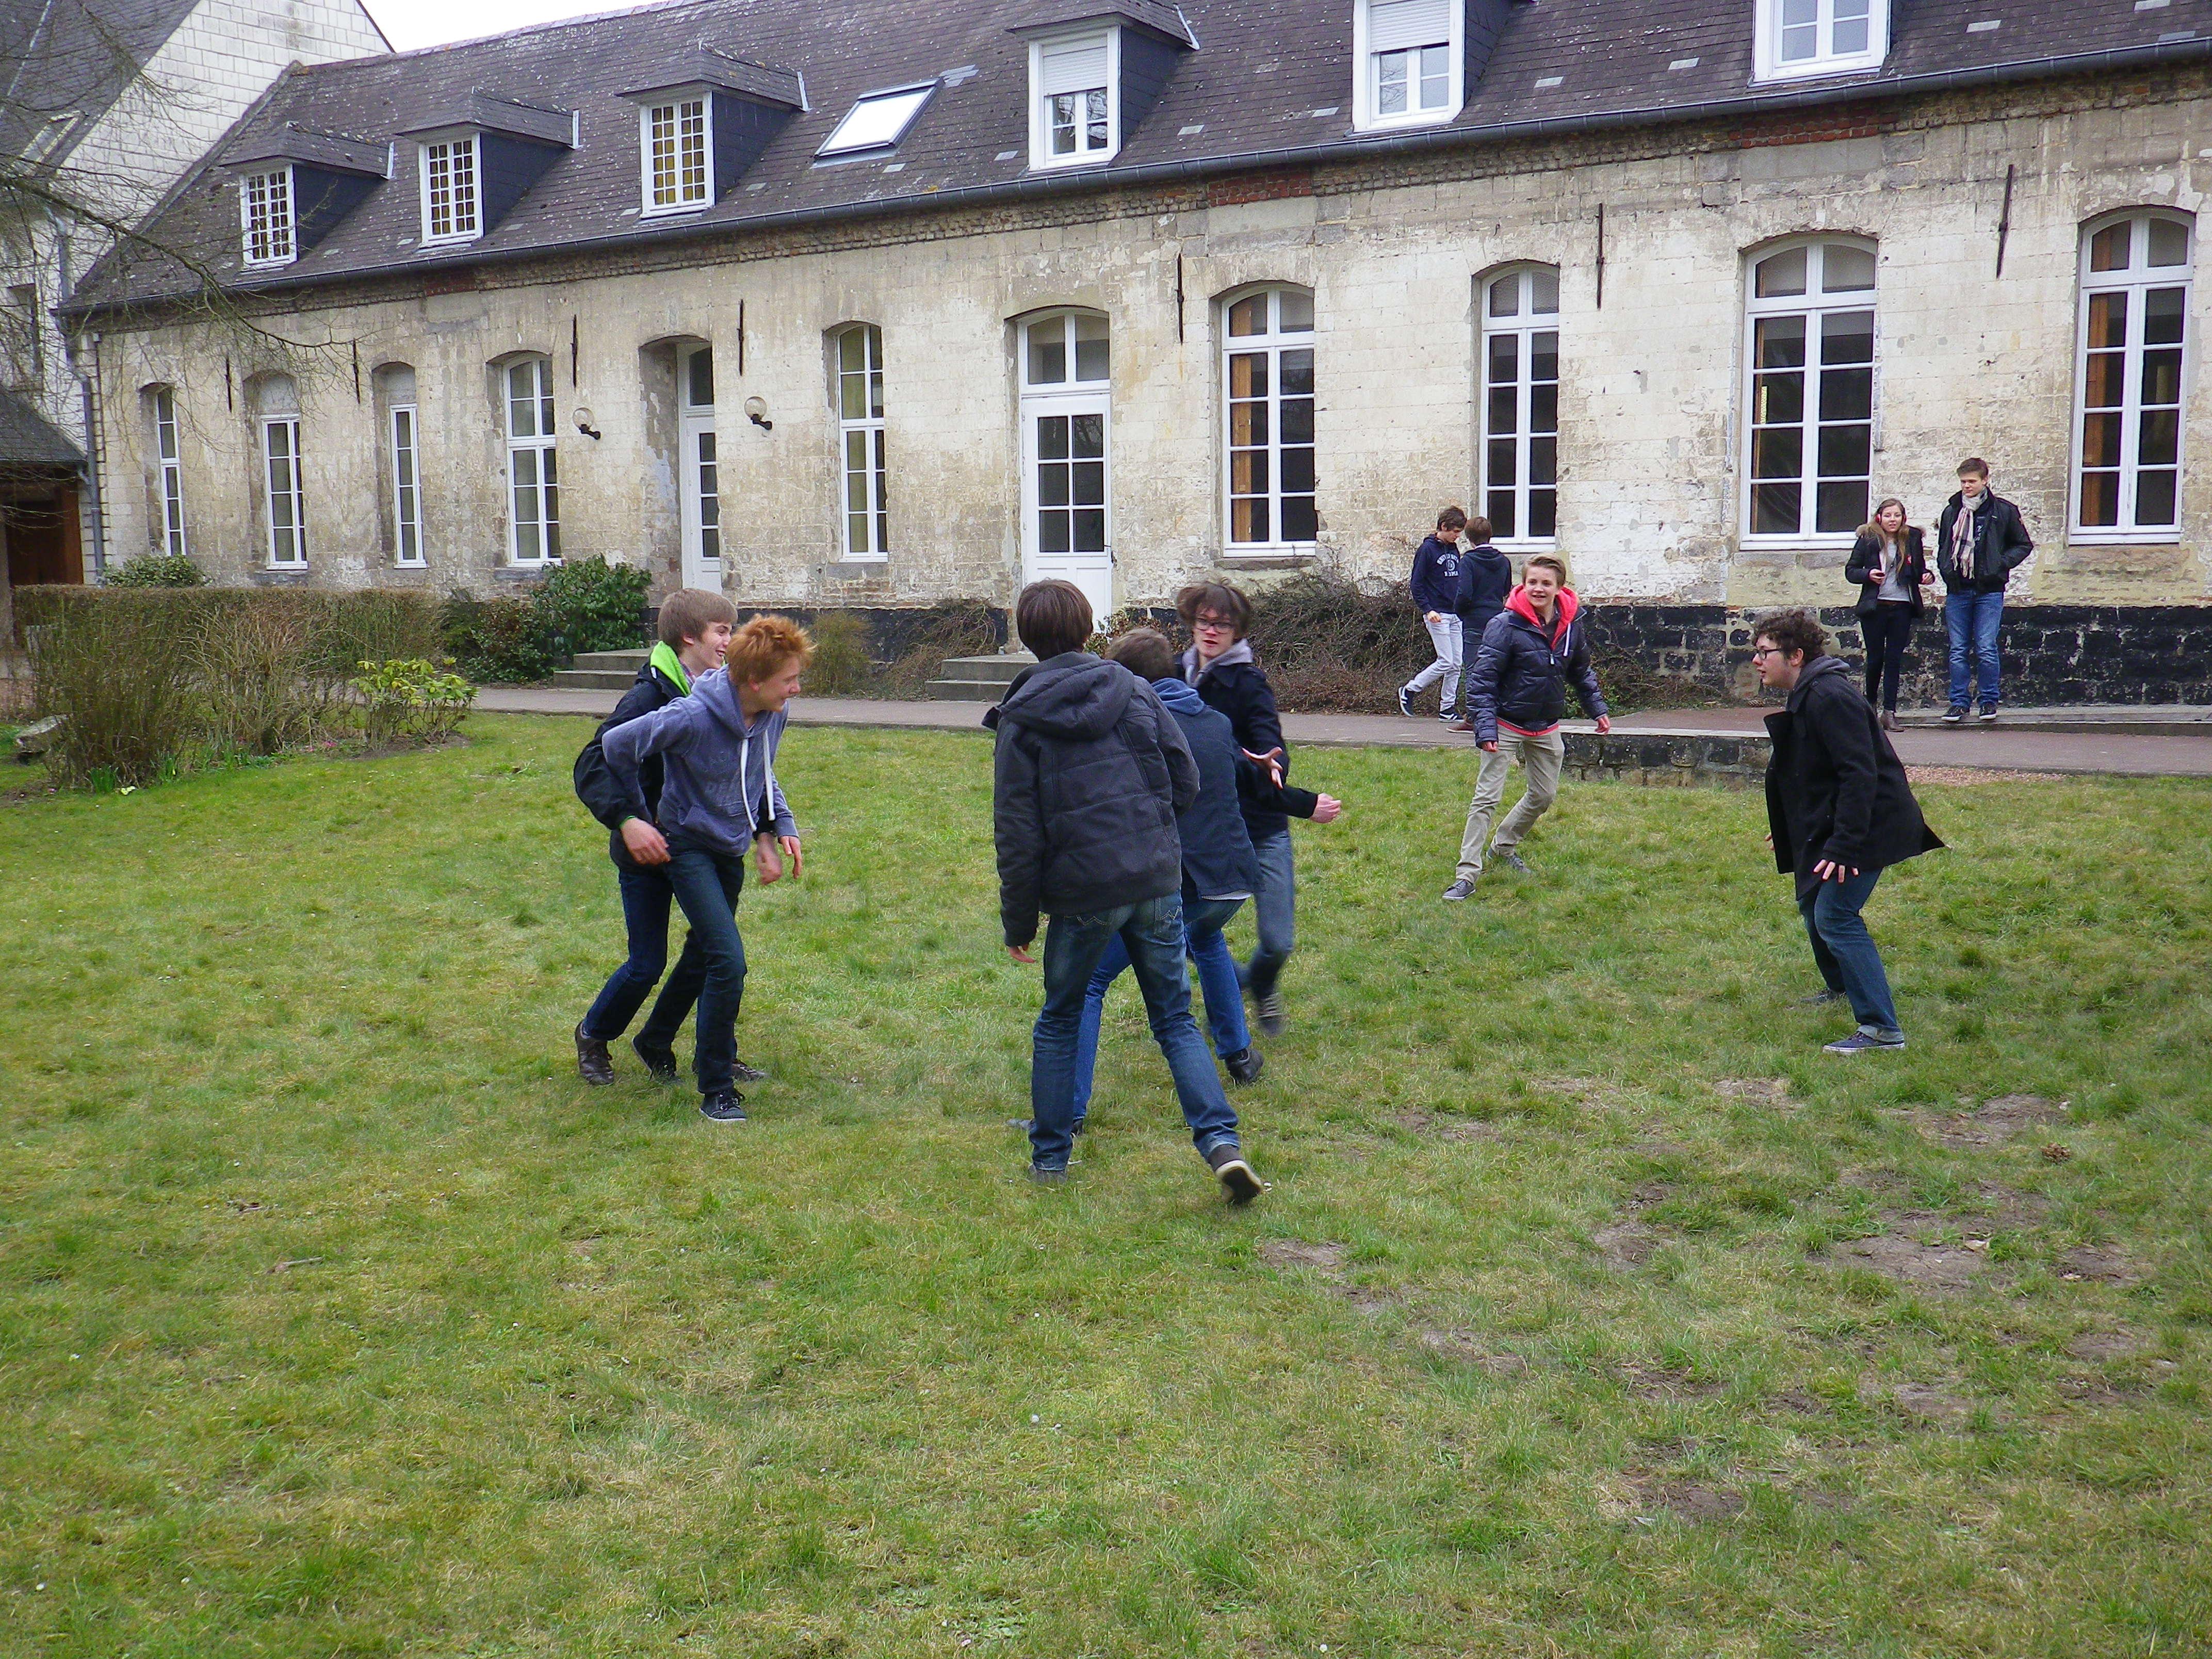 Les garçons font un rugby dans la pelouse de l'abbaye!